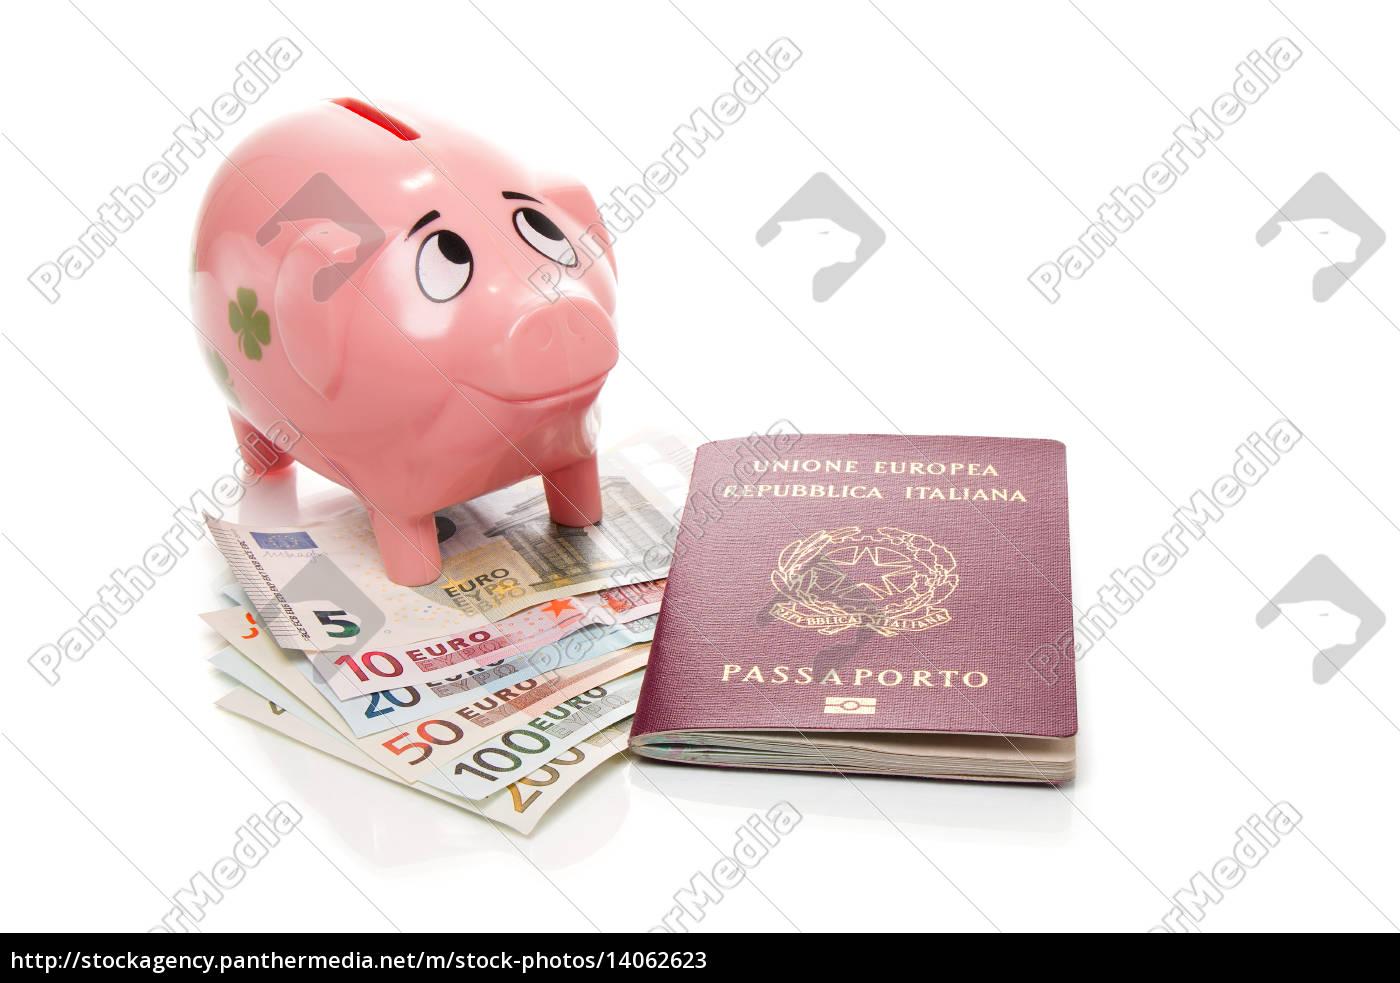 pink, piggy, bank, euros - 14062623